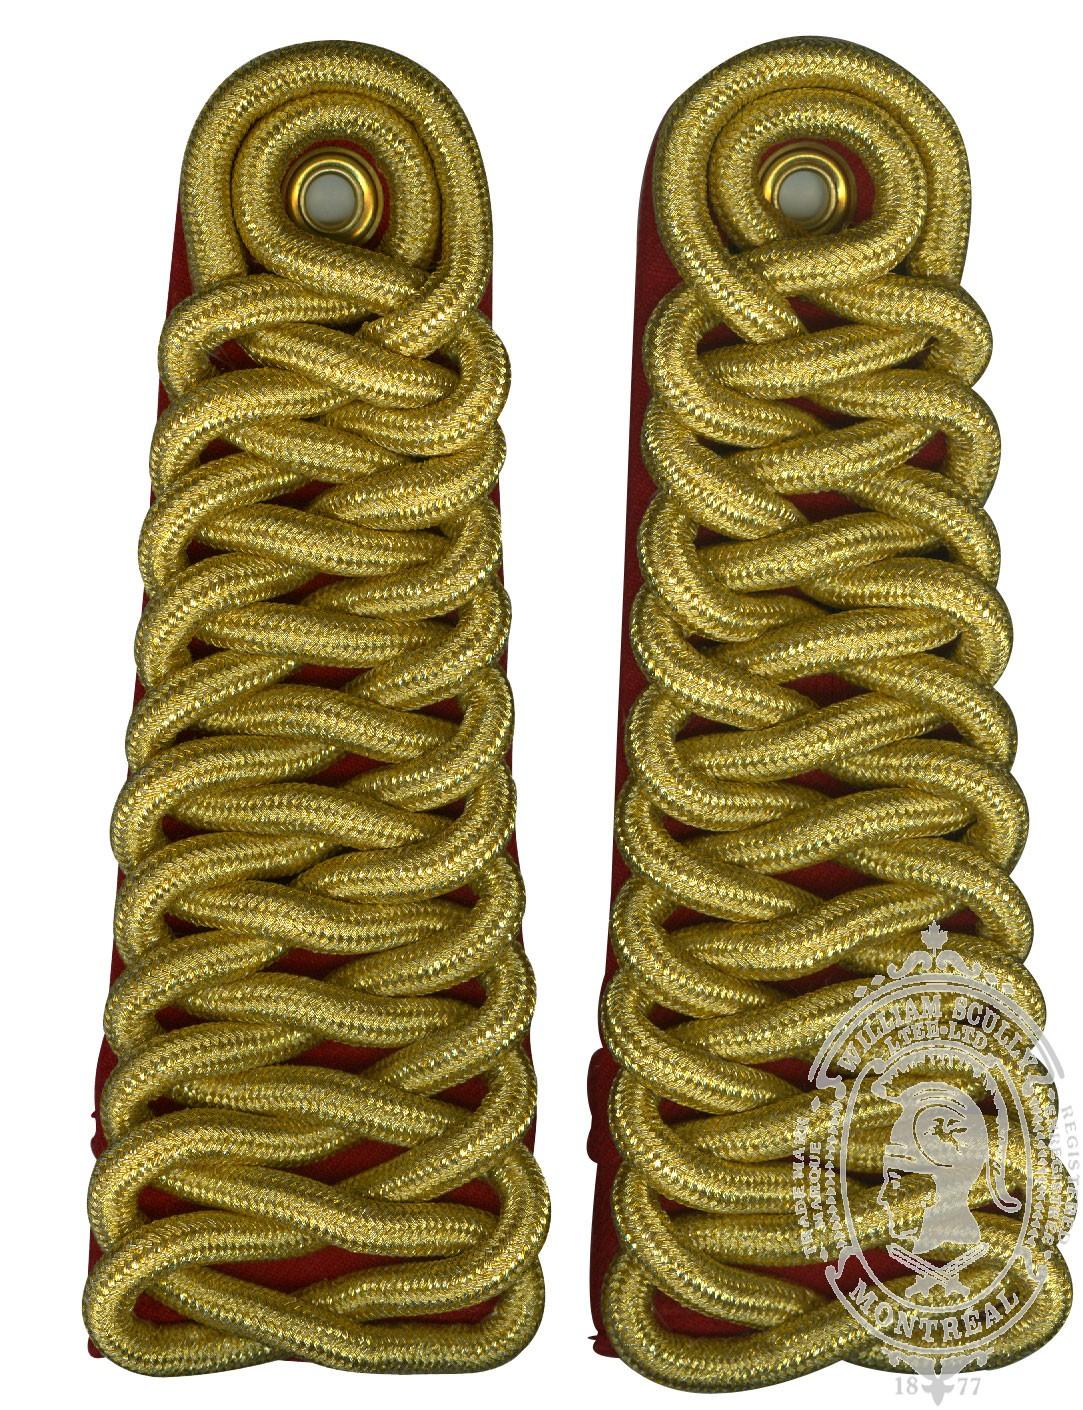 RCMP Shoulder Cords